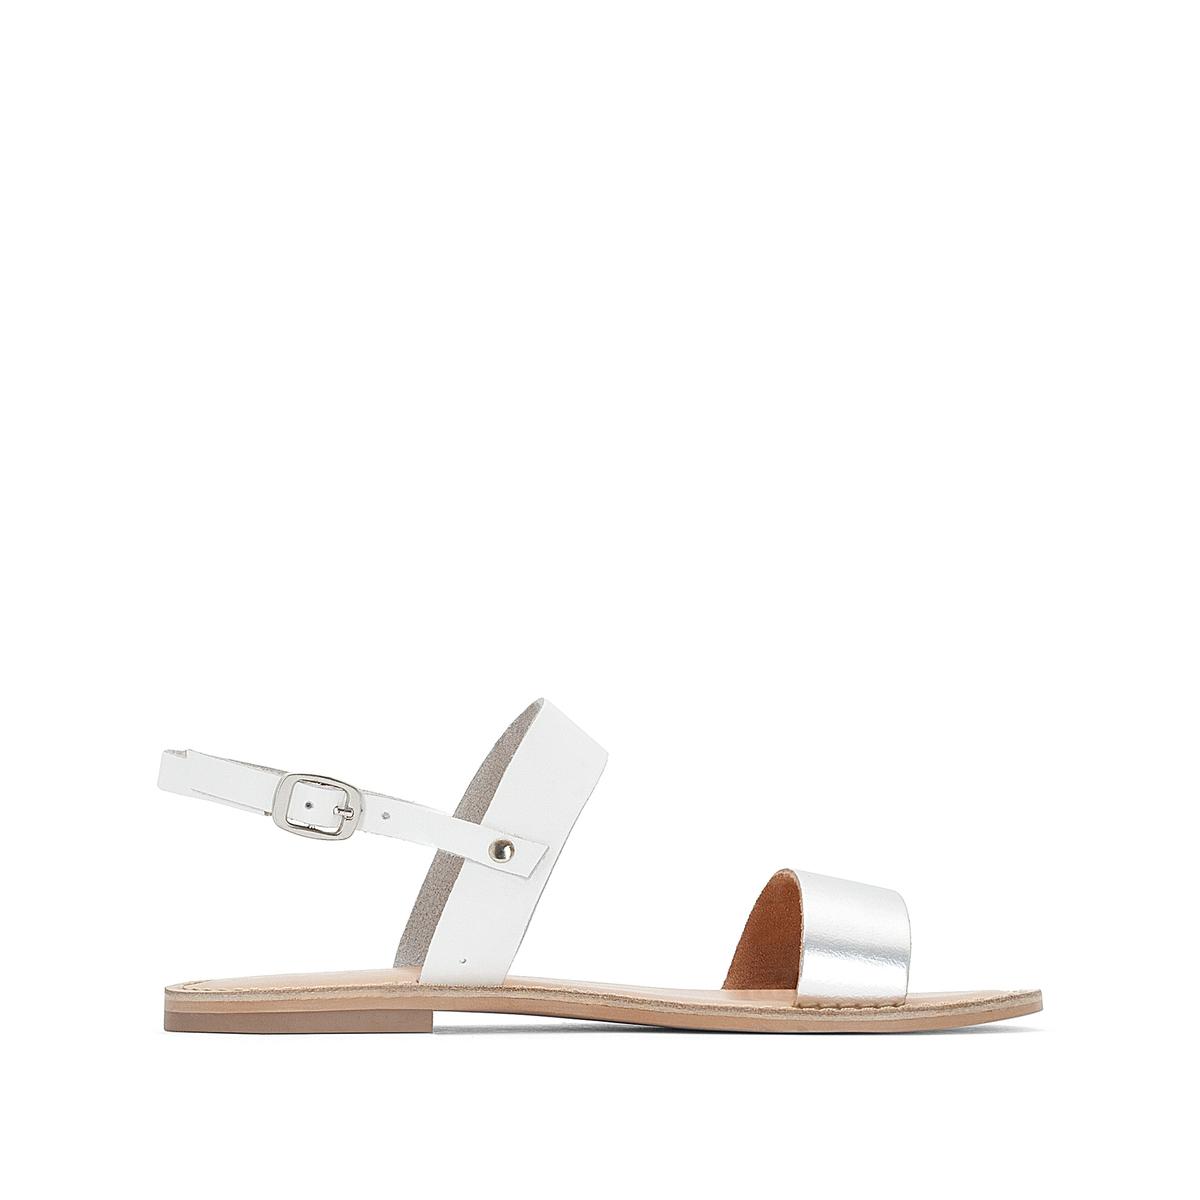 Sandalias de piel con correa metalizada